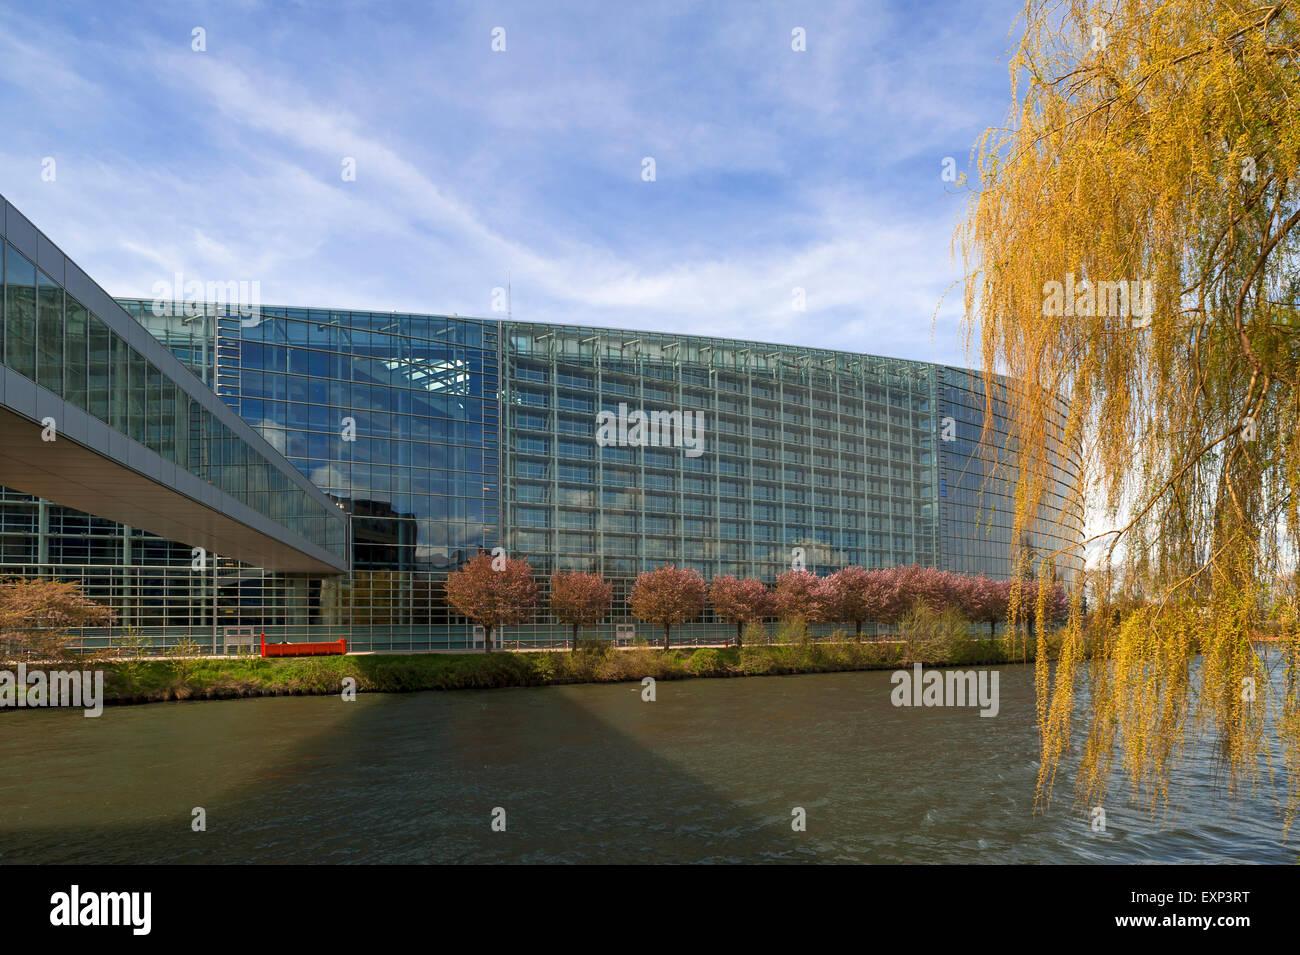 El Parlamento Europeo con el paso de los enfermos, Eurodistrict, Estrasburgo, Alsacia, Francia Foto de stock